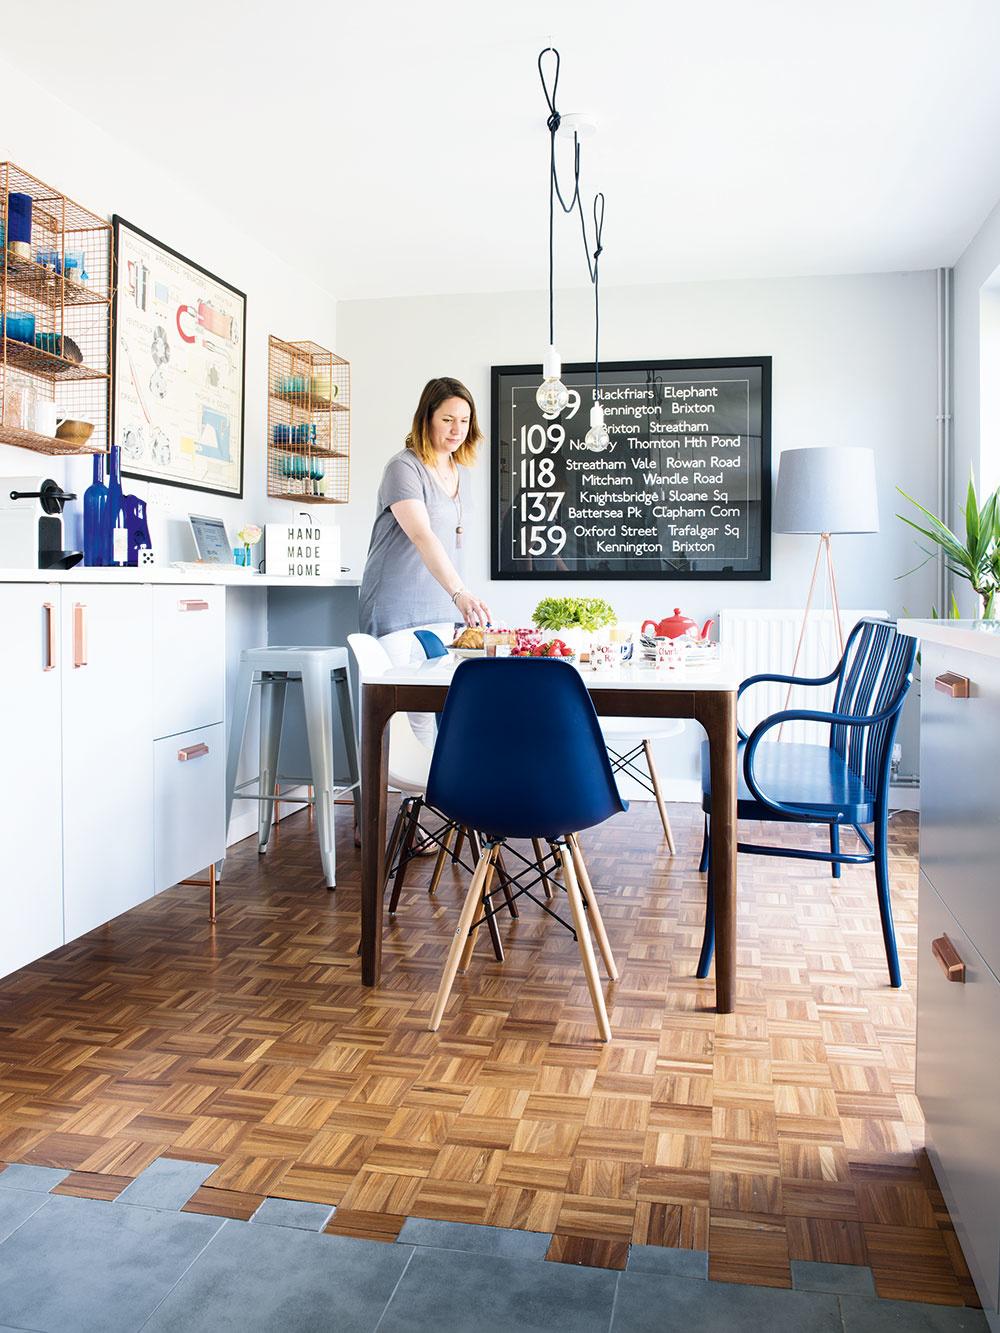 Lavicu, ktorá dnes stojí pri jedálenskom stole, mala dvojica pôvodne vhale svojho bytu vDubaji, neskôr na verande vkanadskom domove. Keď sa presťahovali do Abingdonu, nechala ju Georgia natrieť na modro, aby ladila sfarbou kultovej stoličky od manželov Eamesovcov.